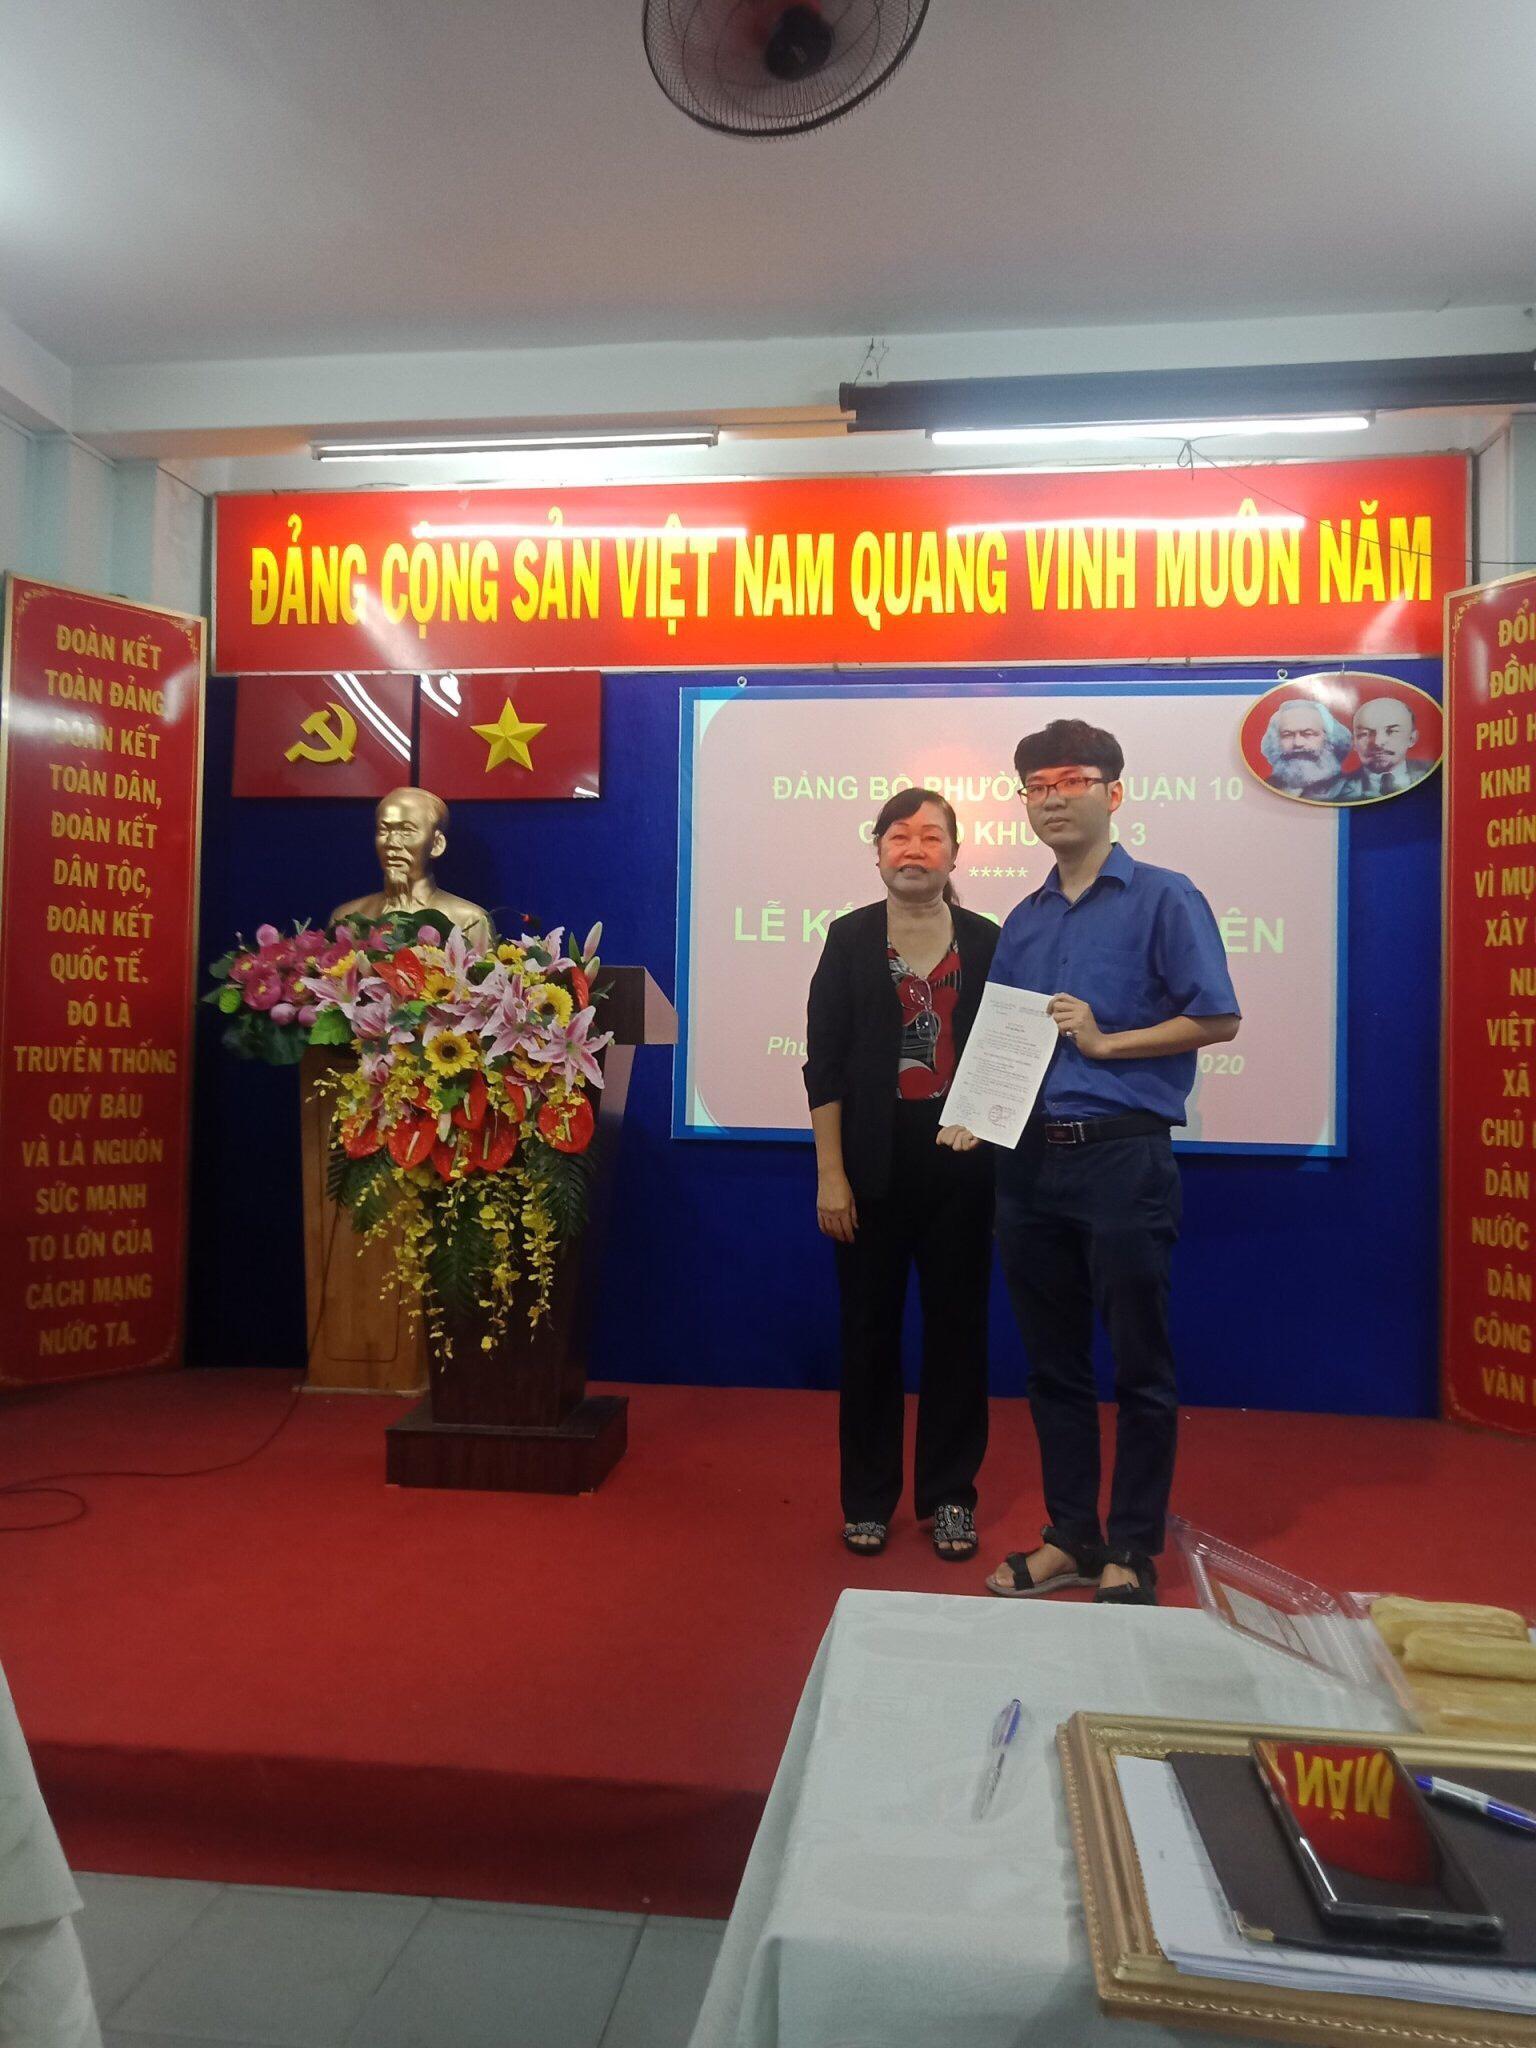 Kết nạp Đảng cho thanh niên kỷ niệm 90 năm thành lập Đoàn